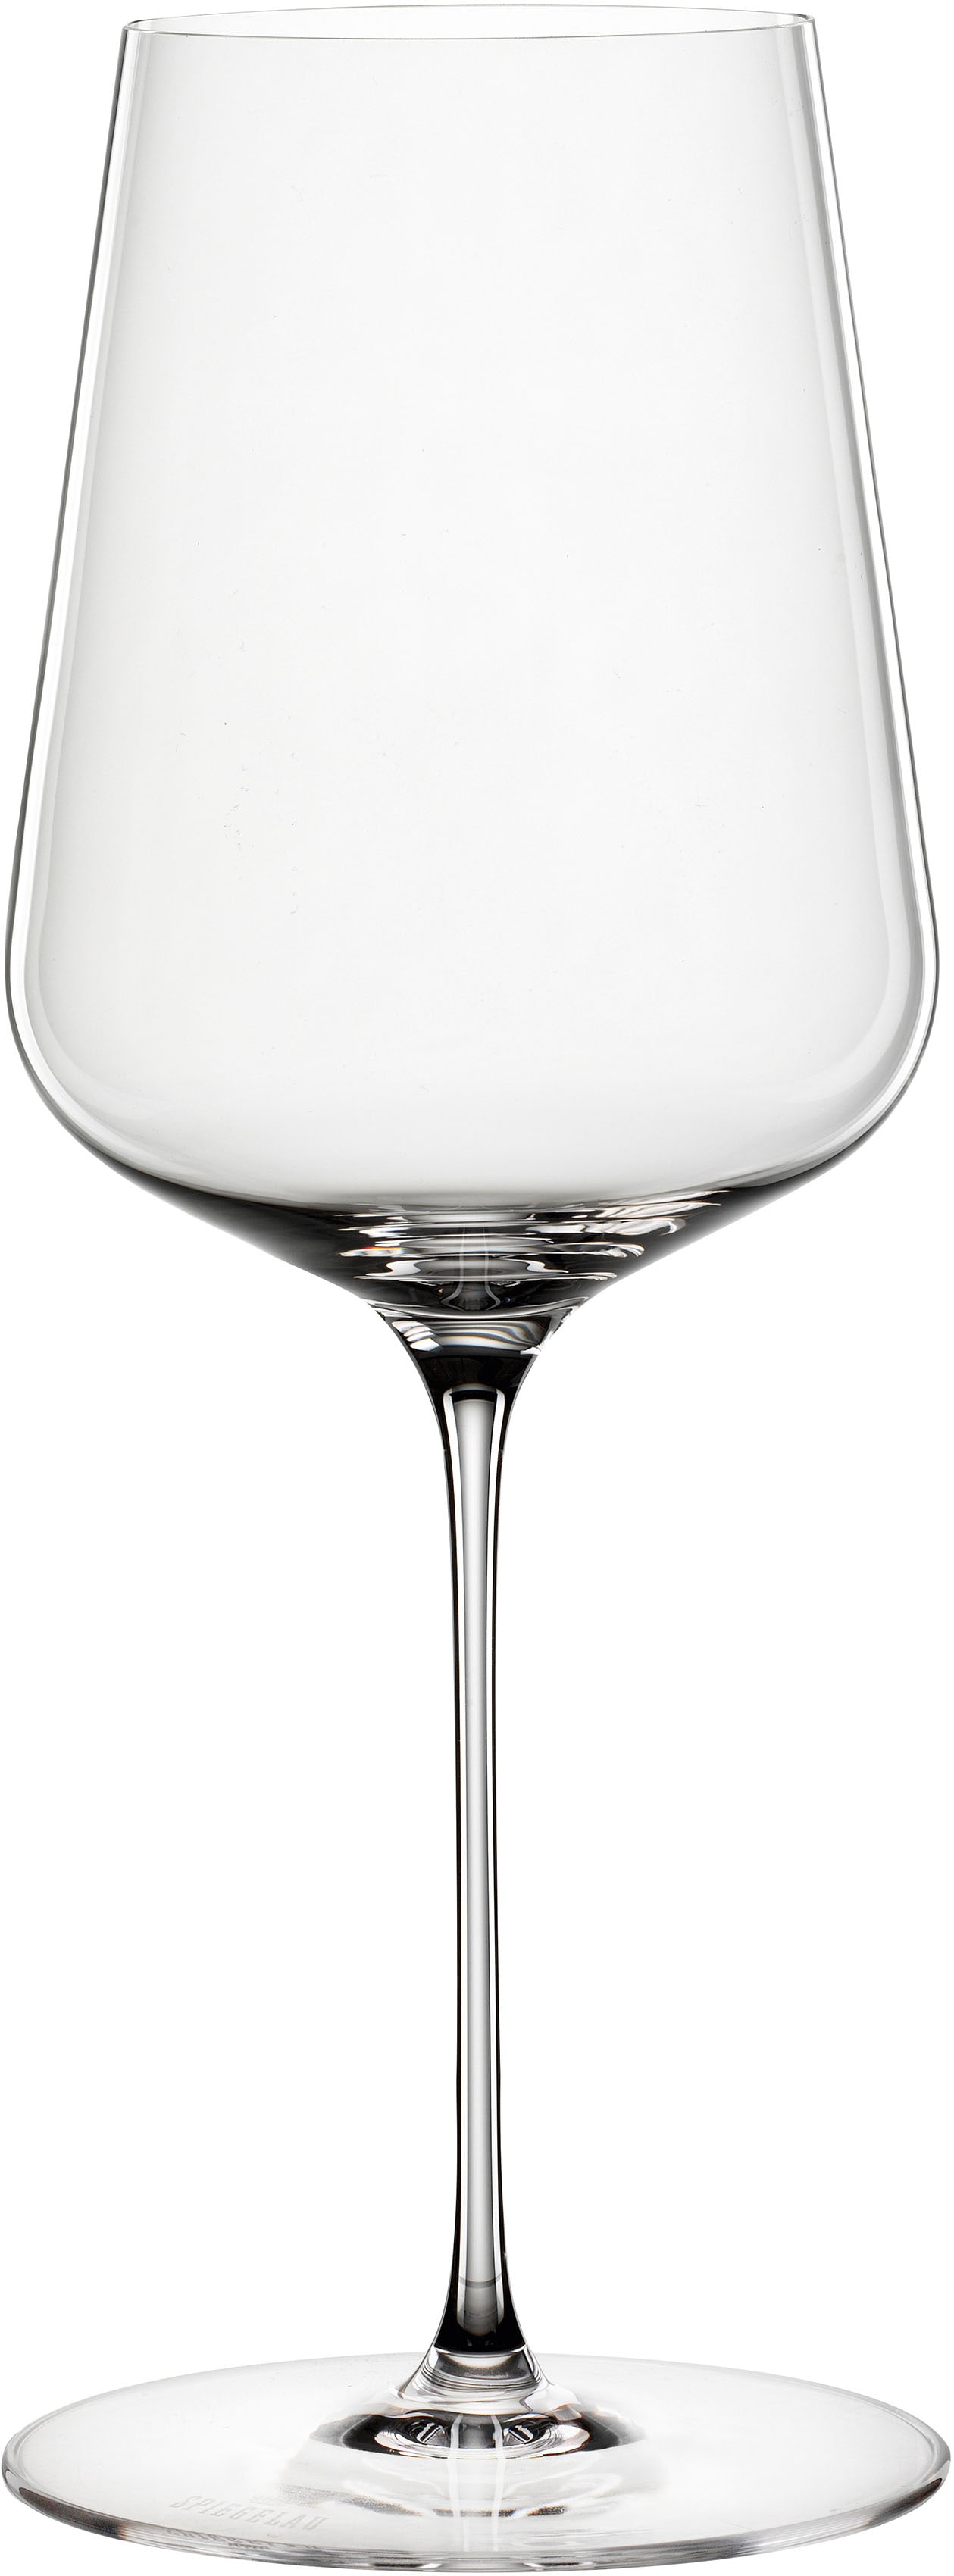 SPIEGELAU Weinglas Definition, (Set, 2 tlg.), 2-teilig, 550 ml farblos Kristallgläser Gläser Glaswaren Haushaltswaren